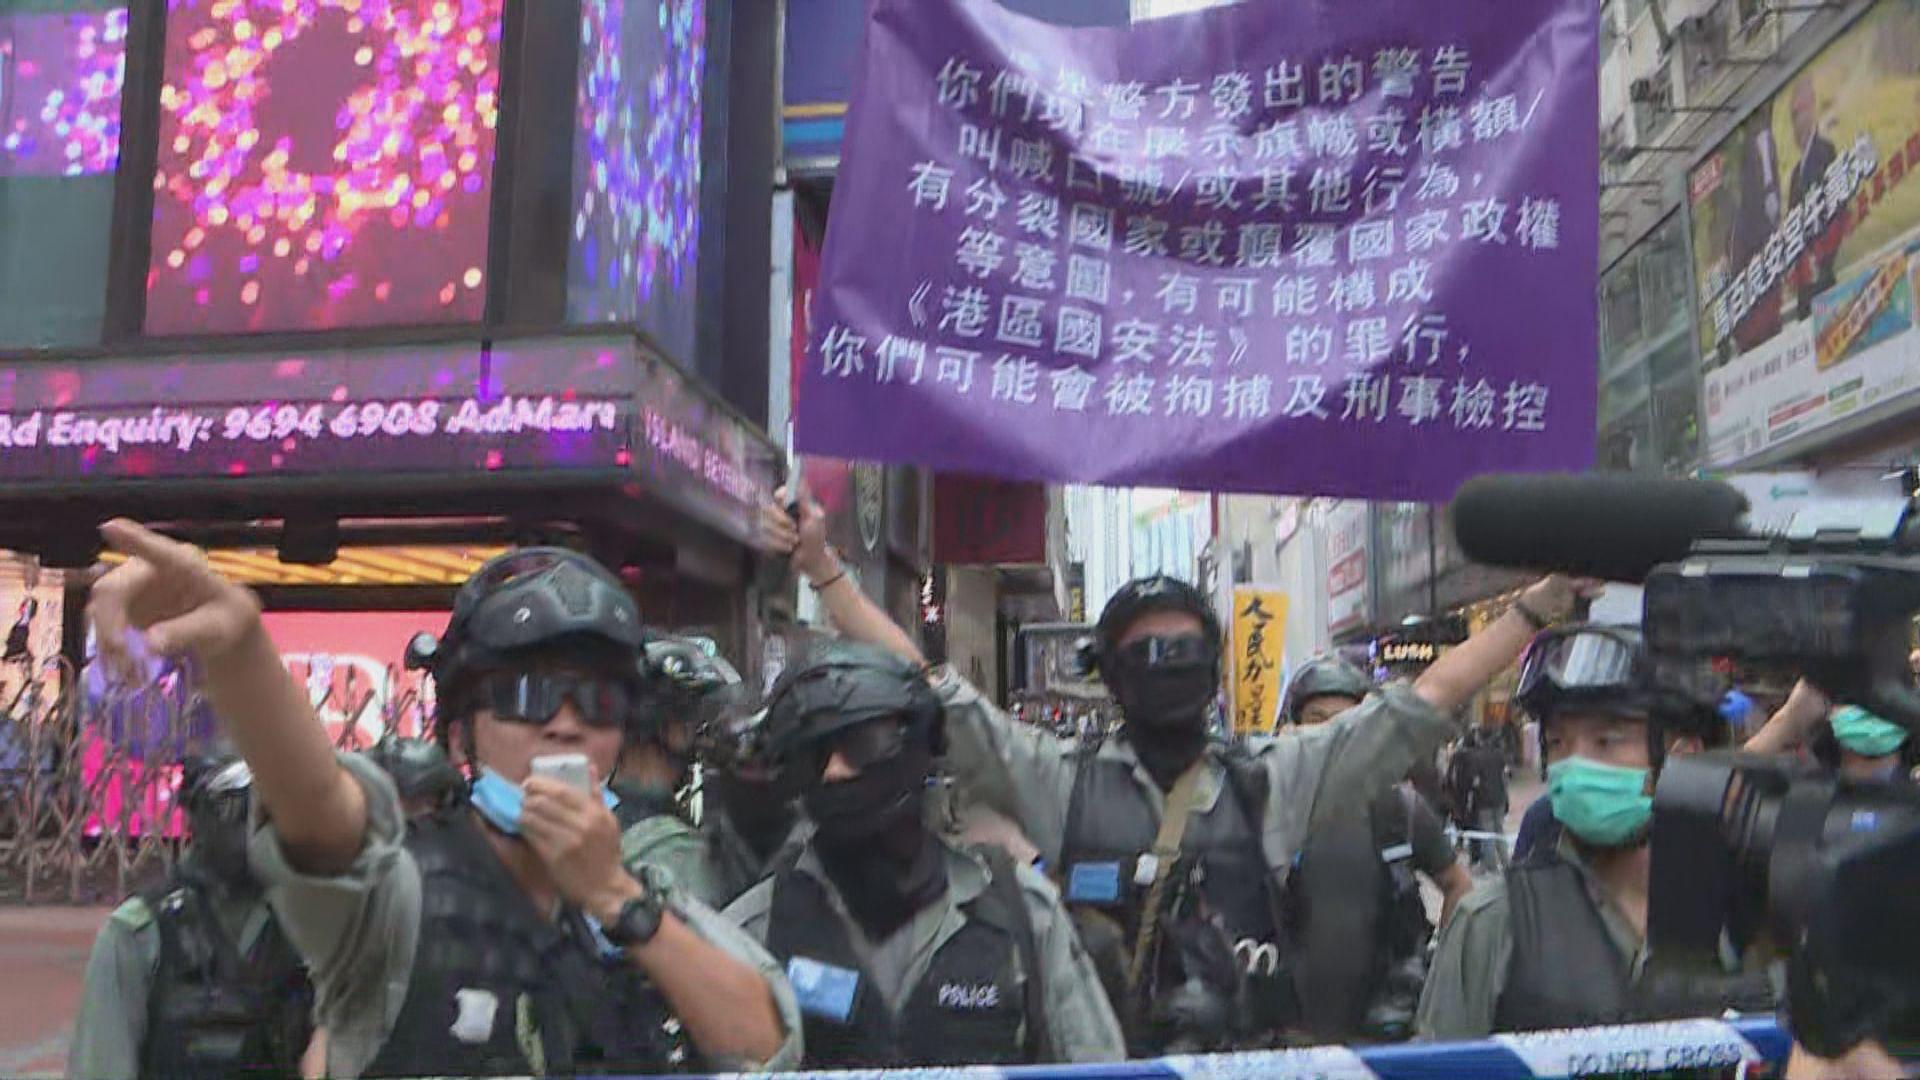 警察銅鑼灣舉紫旗 警告喊港獨口號人士觸犯港區國安法